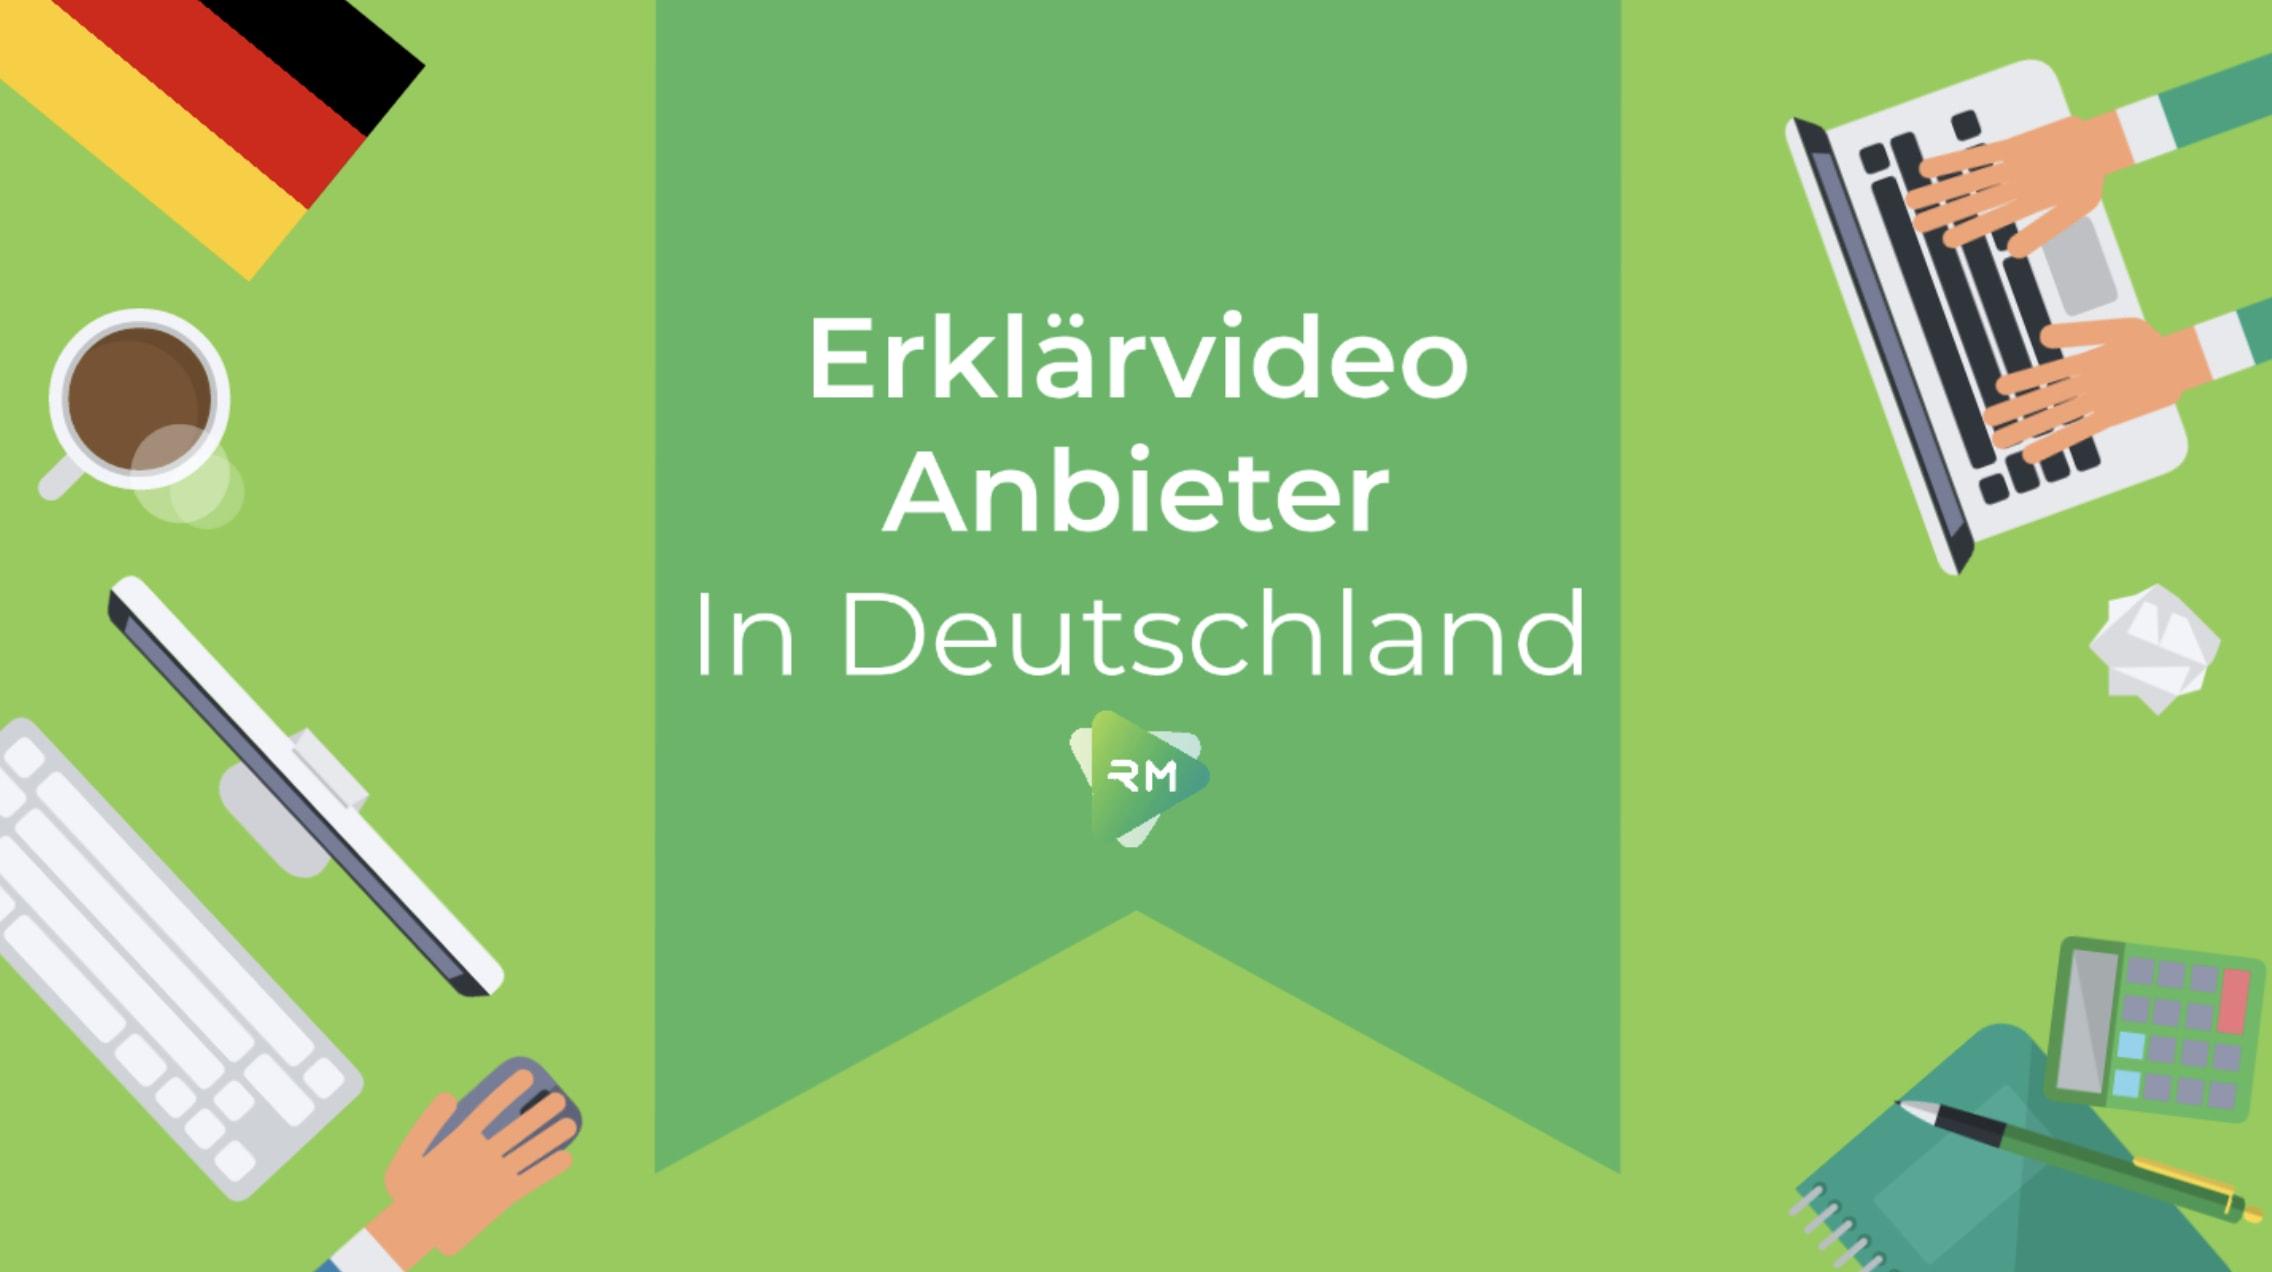 Erklärvideo Anbieter in Deutschland